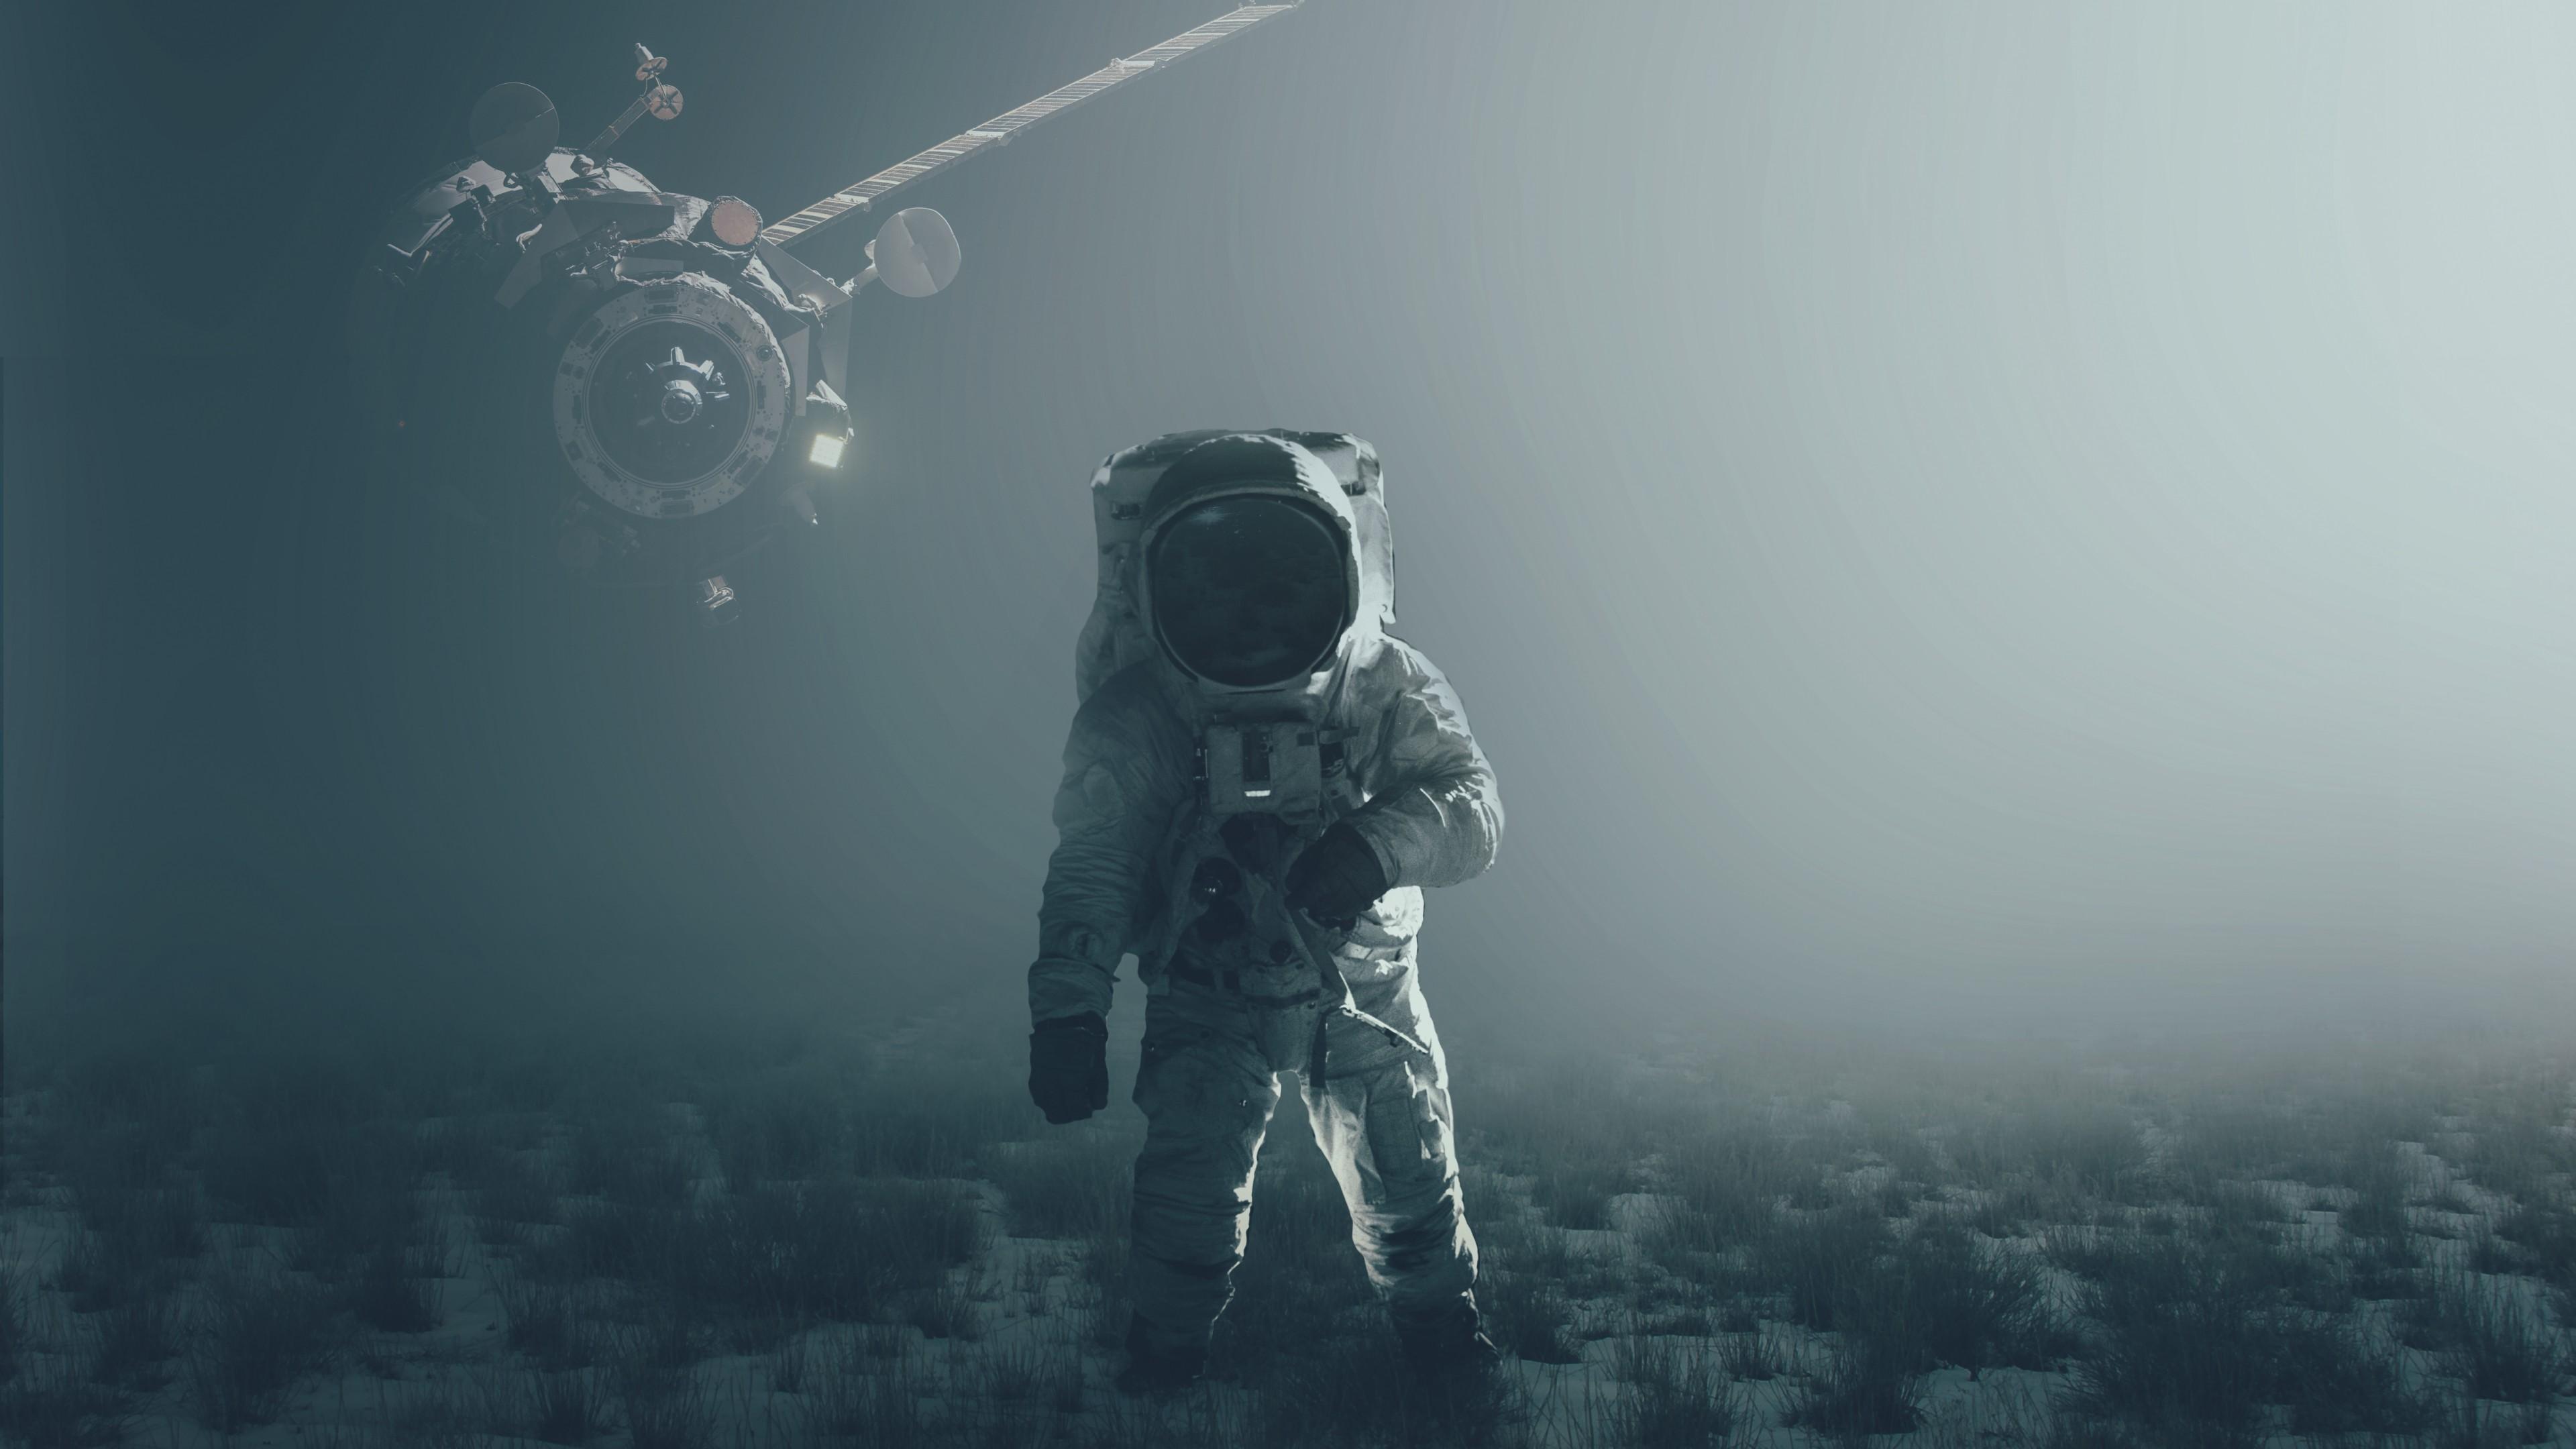 Космический летательный аппарат и космонавт на космической станции